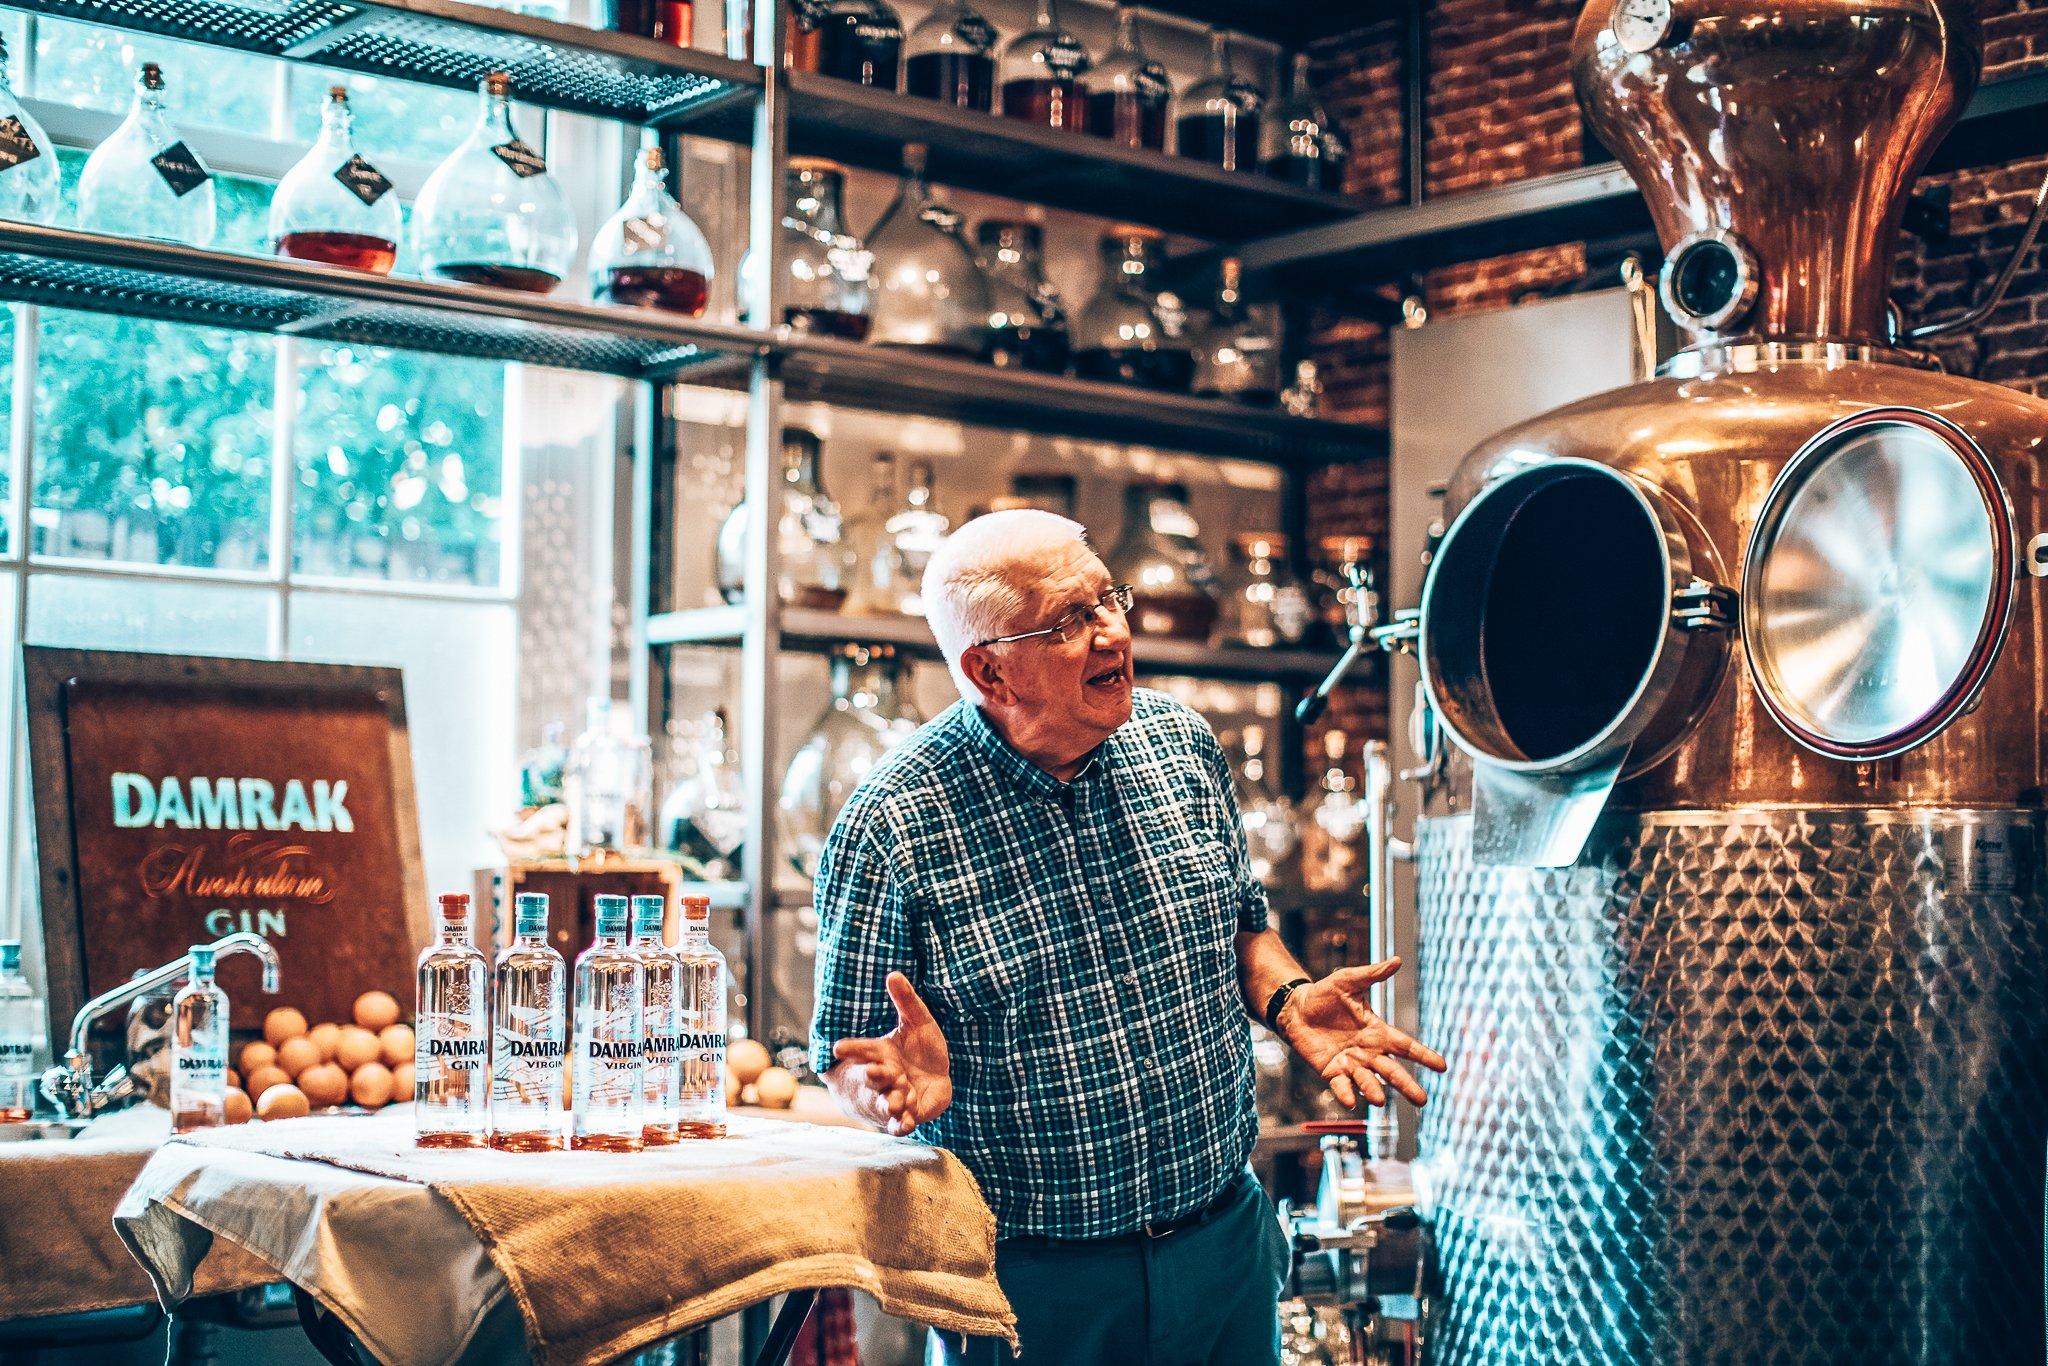 Op bezoek bij Lucas Bols in Amsterdam, Alles over gin.